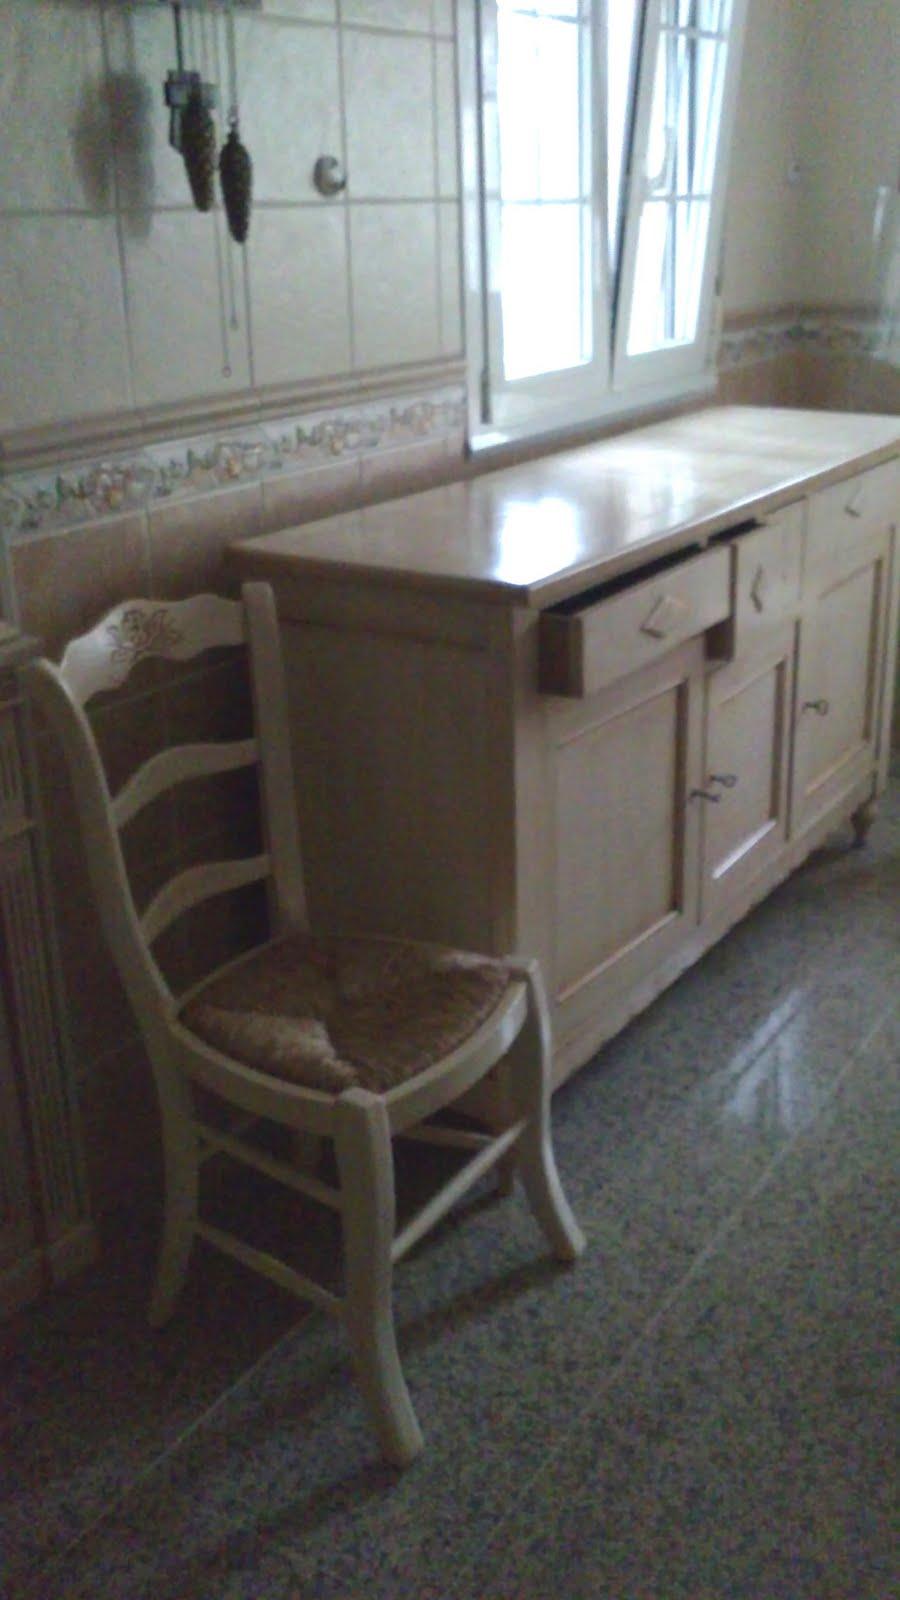 Mondecor s l cambiar tus muebles oscuros por otros claros - Como cambiar de color un mueble ...